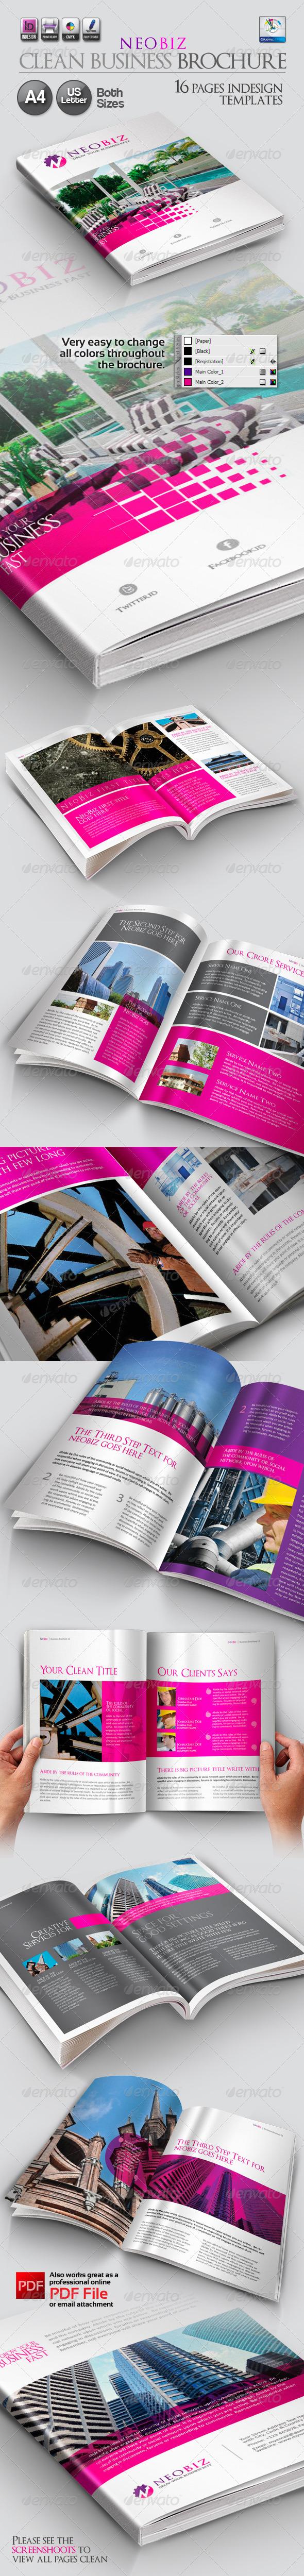 NeoBiz Clean Business Brochure - Corporate Brochures